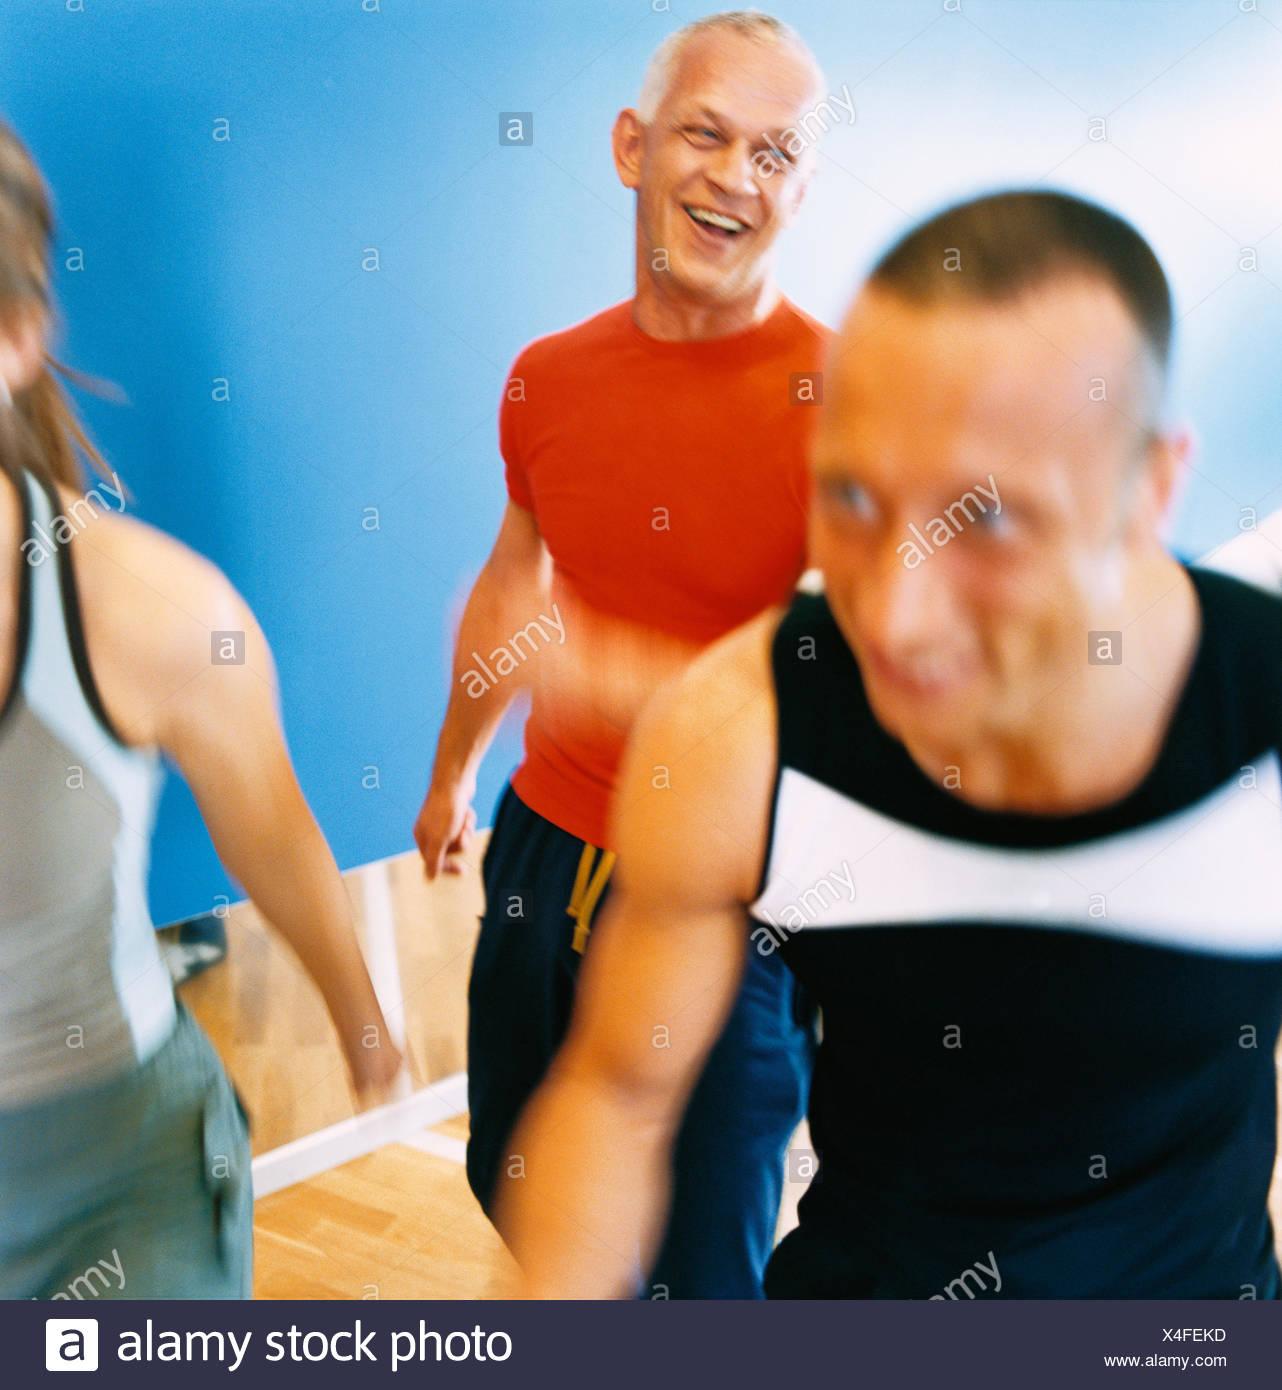 30-34 AÑOS 70-74 AÑOS 75-79 AÑOS actividad solo adultos aerobic atleta bodybuilding color image anciano ejercer Imagen De Stock